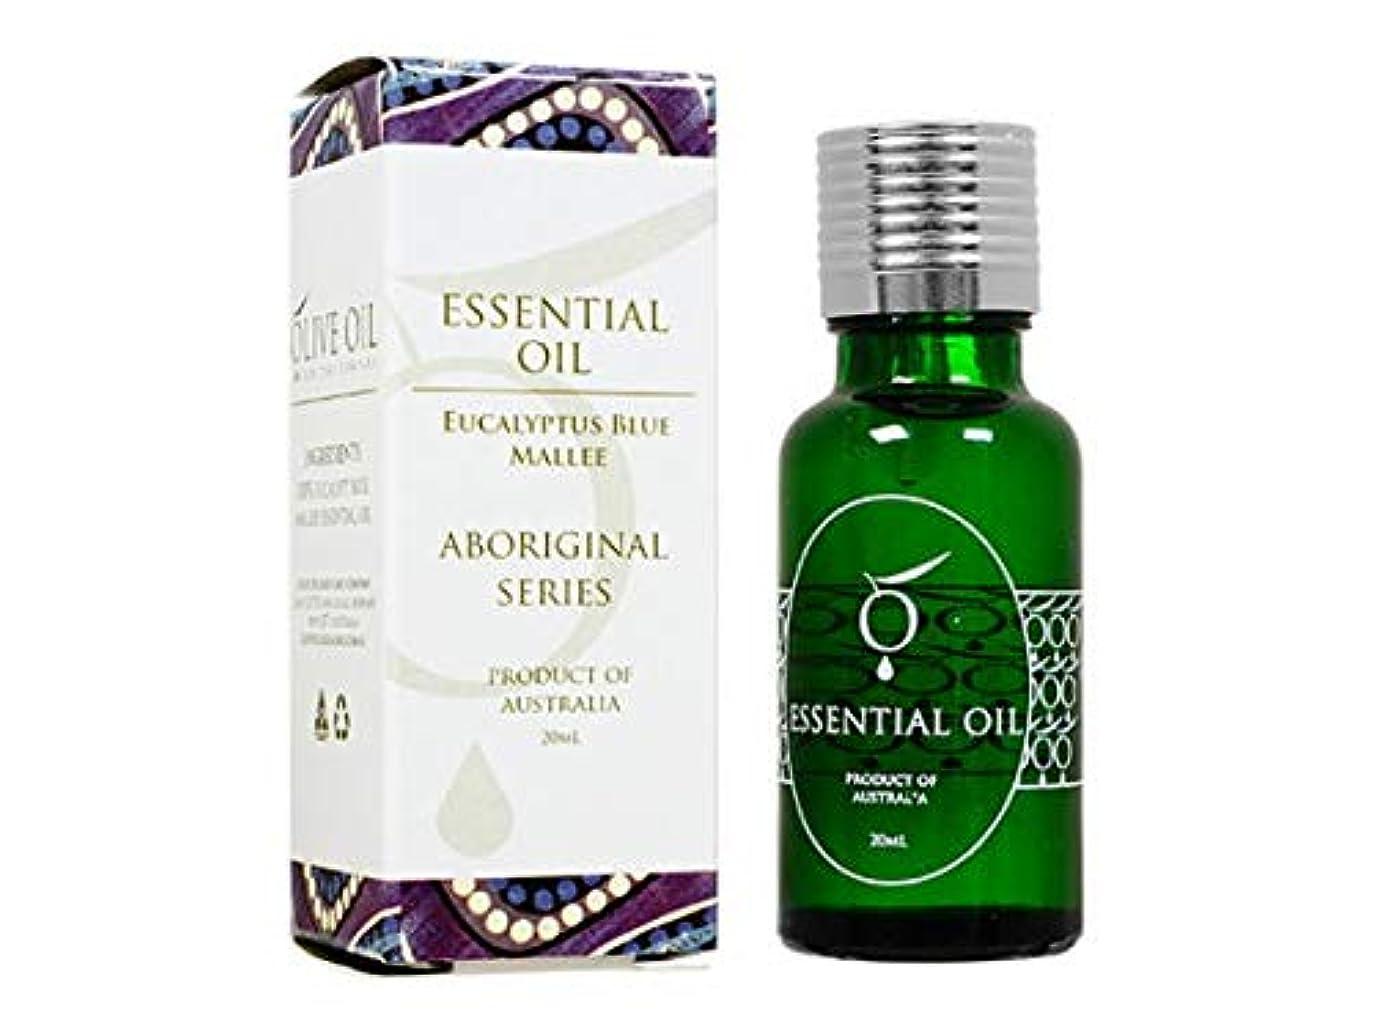 特派員確実プレビューOliveOil エッセンシャルオイル?ユーカリブルーマリー 20ml (OliveOil) Essential Oil (Eucalyptus Blue Mallee) Made in Australia